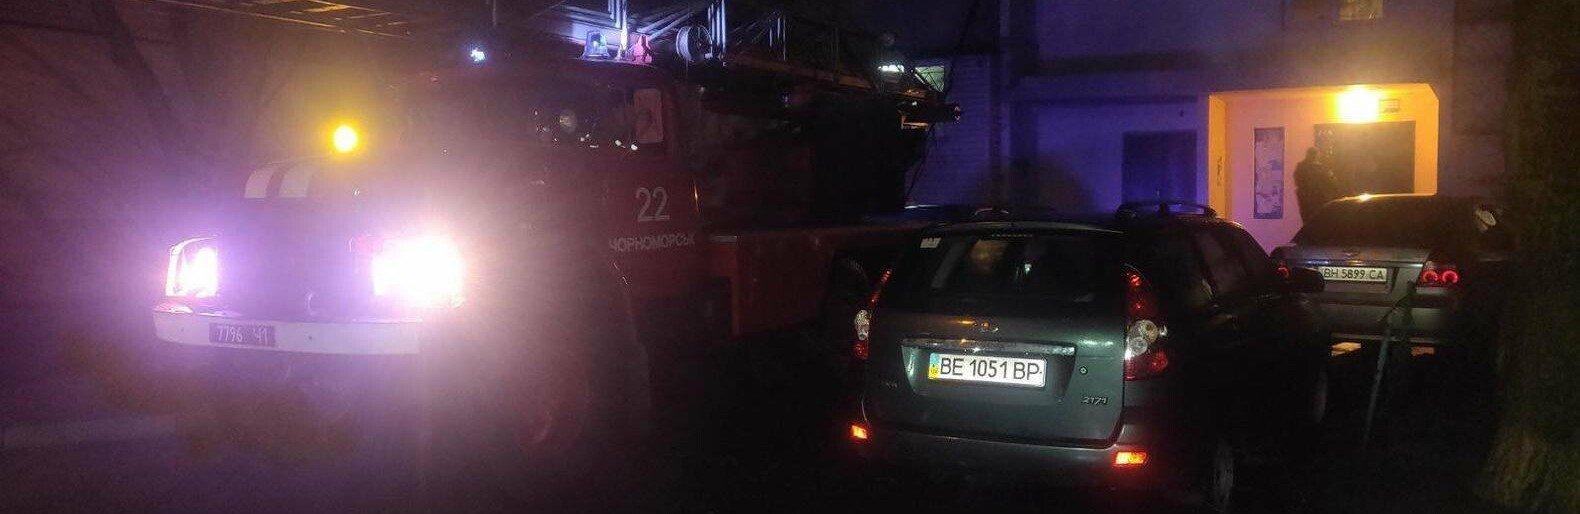 В Одесской области мужчина вышел на улицу через балкон многоэтажки,...0